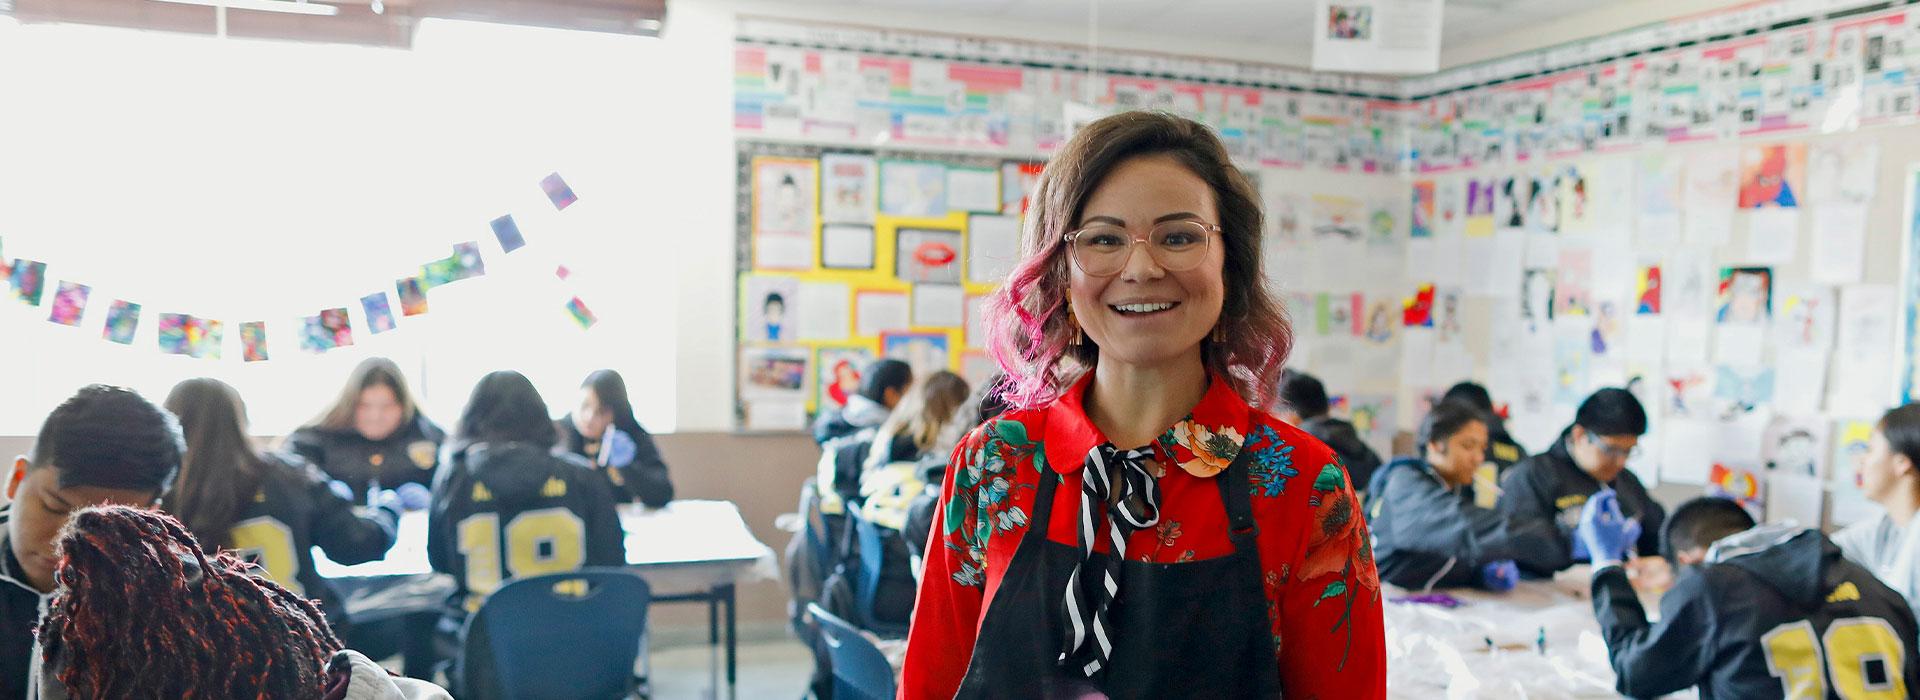 Sarah S., Class of 2020